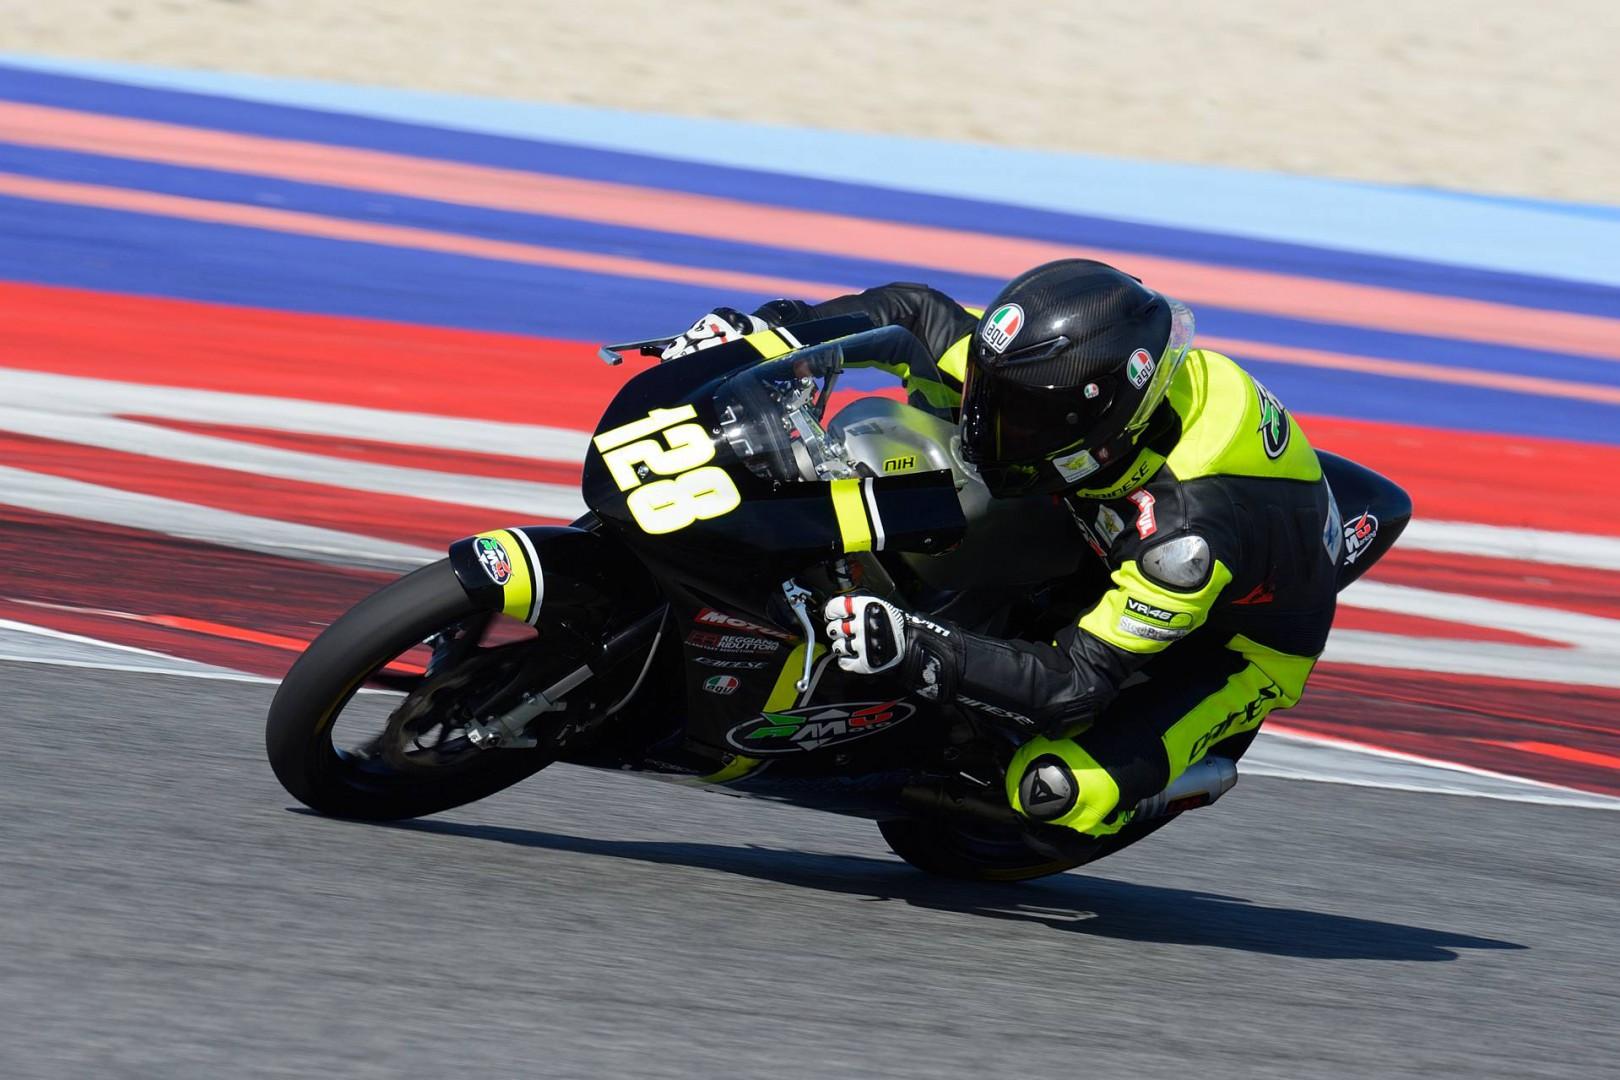 Campionato Italiano Velocità: RMU VR46 protagonista attesa in Moto3 e PreMoto3